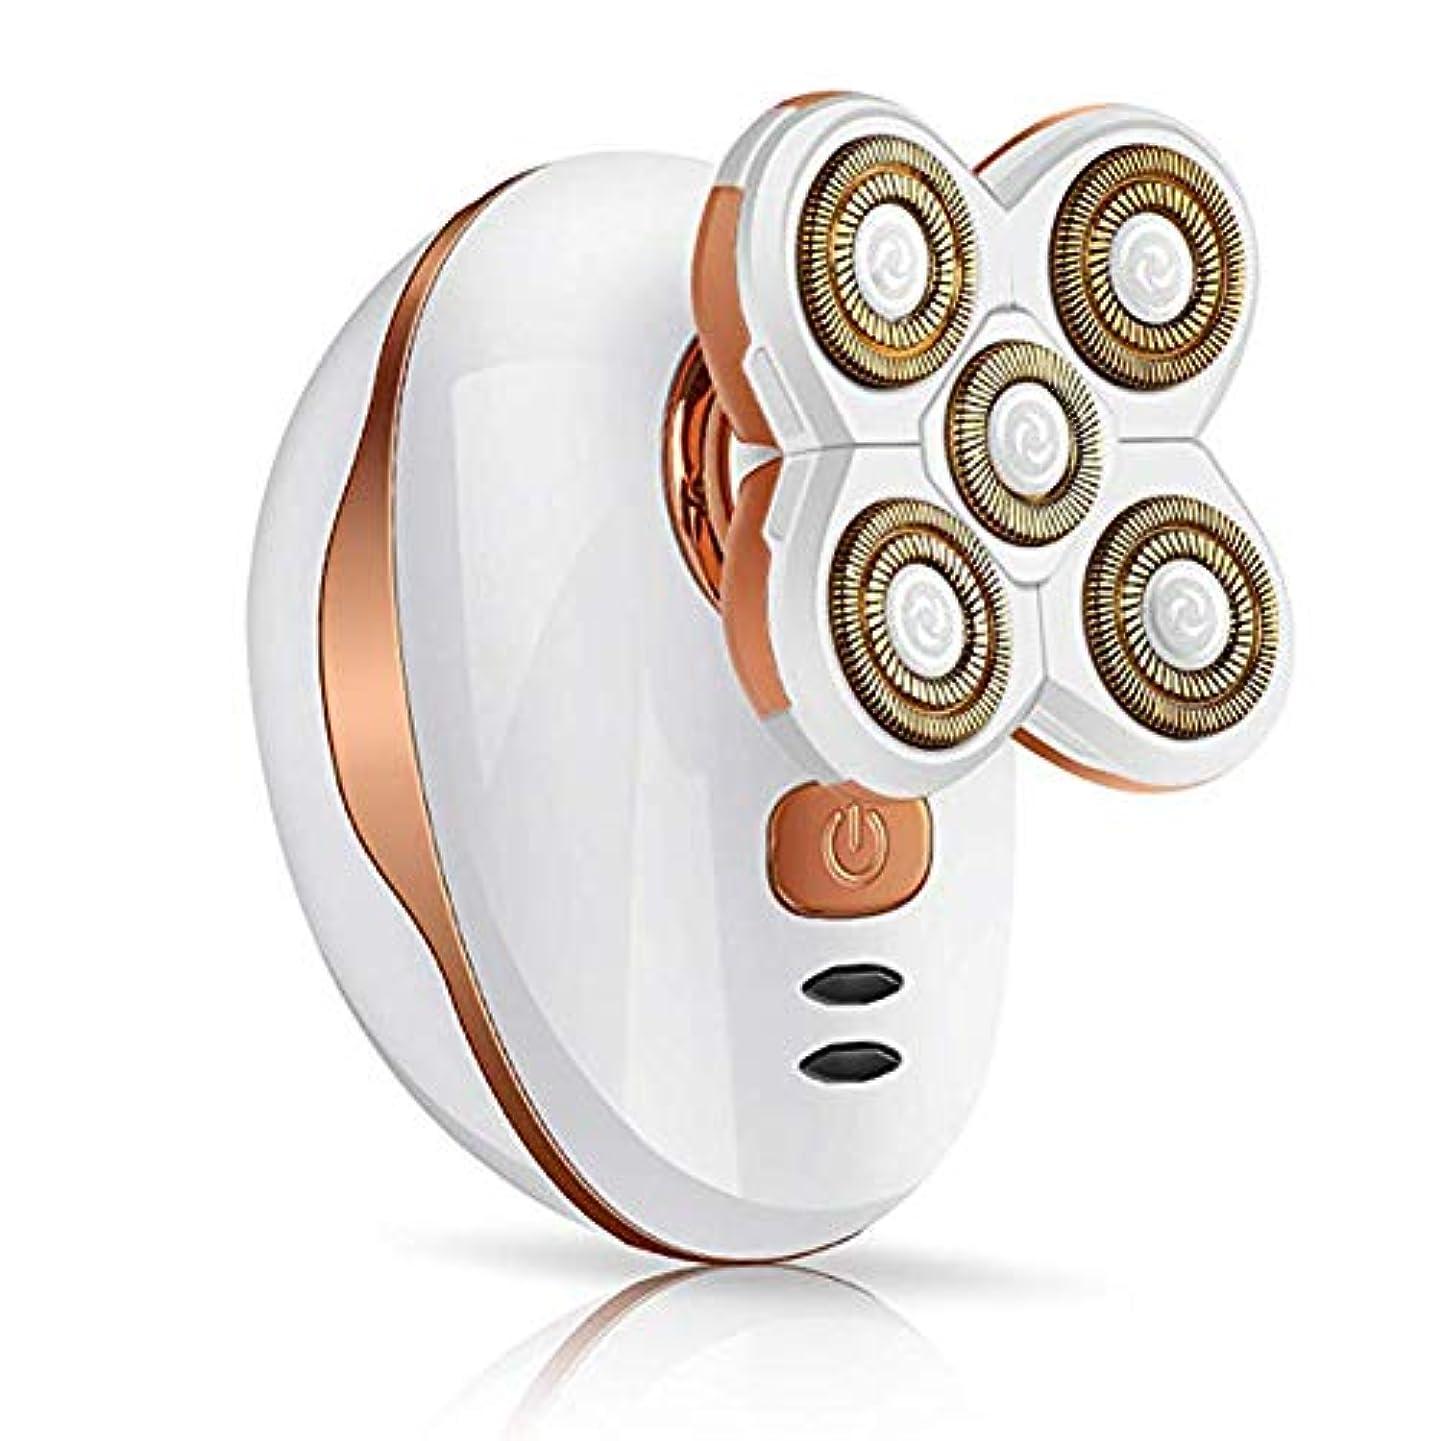 ジェム確執是正するウェットドライ電気ロータリーシェーバー、5フローティングヘッド付きコードレス防水カミソリヘッドシェーバー旅行や家庭での使用のための高速USB充電セキュリティロックモード